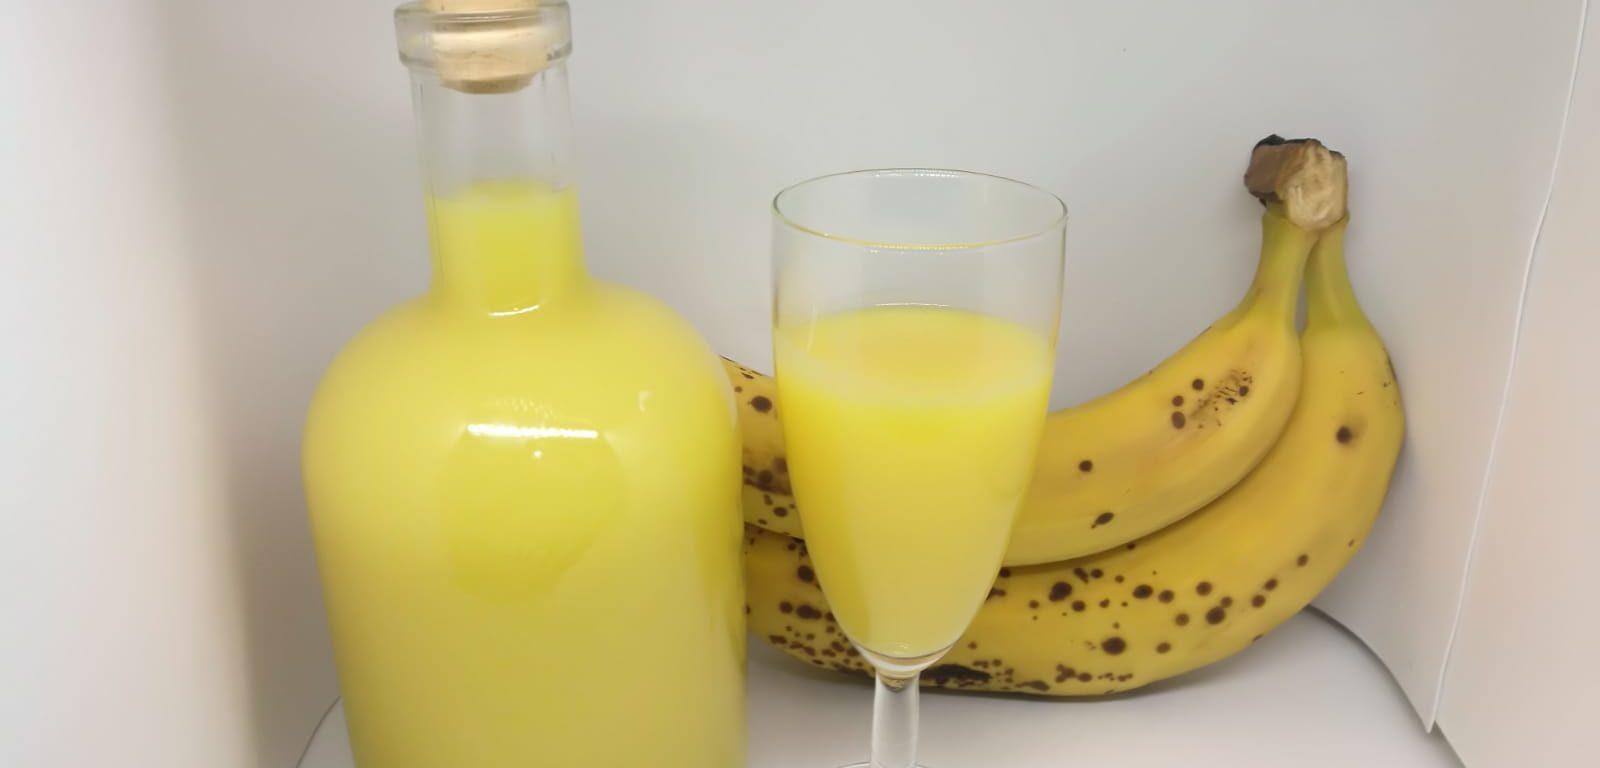 crema di liquore alla banana